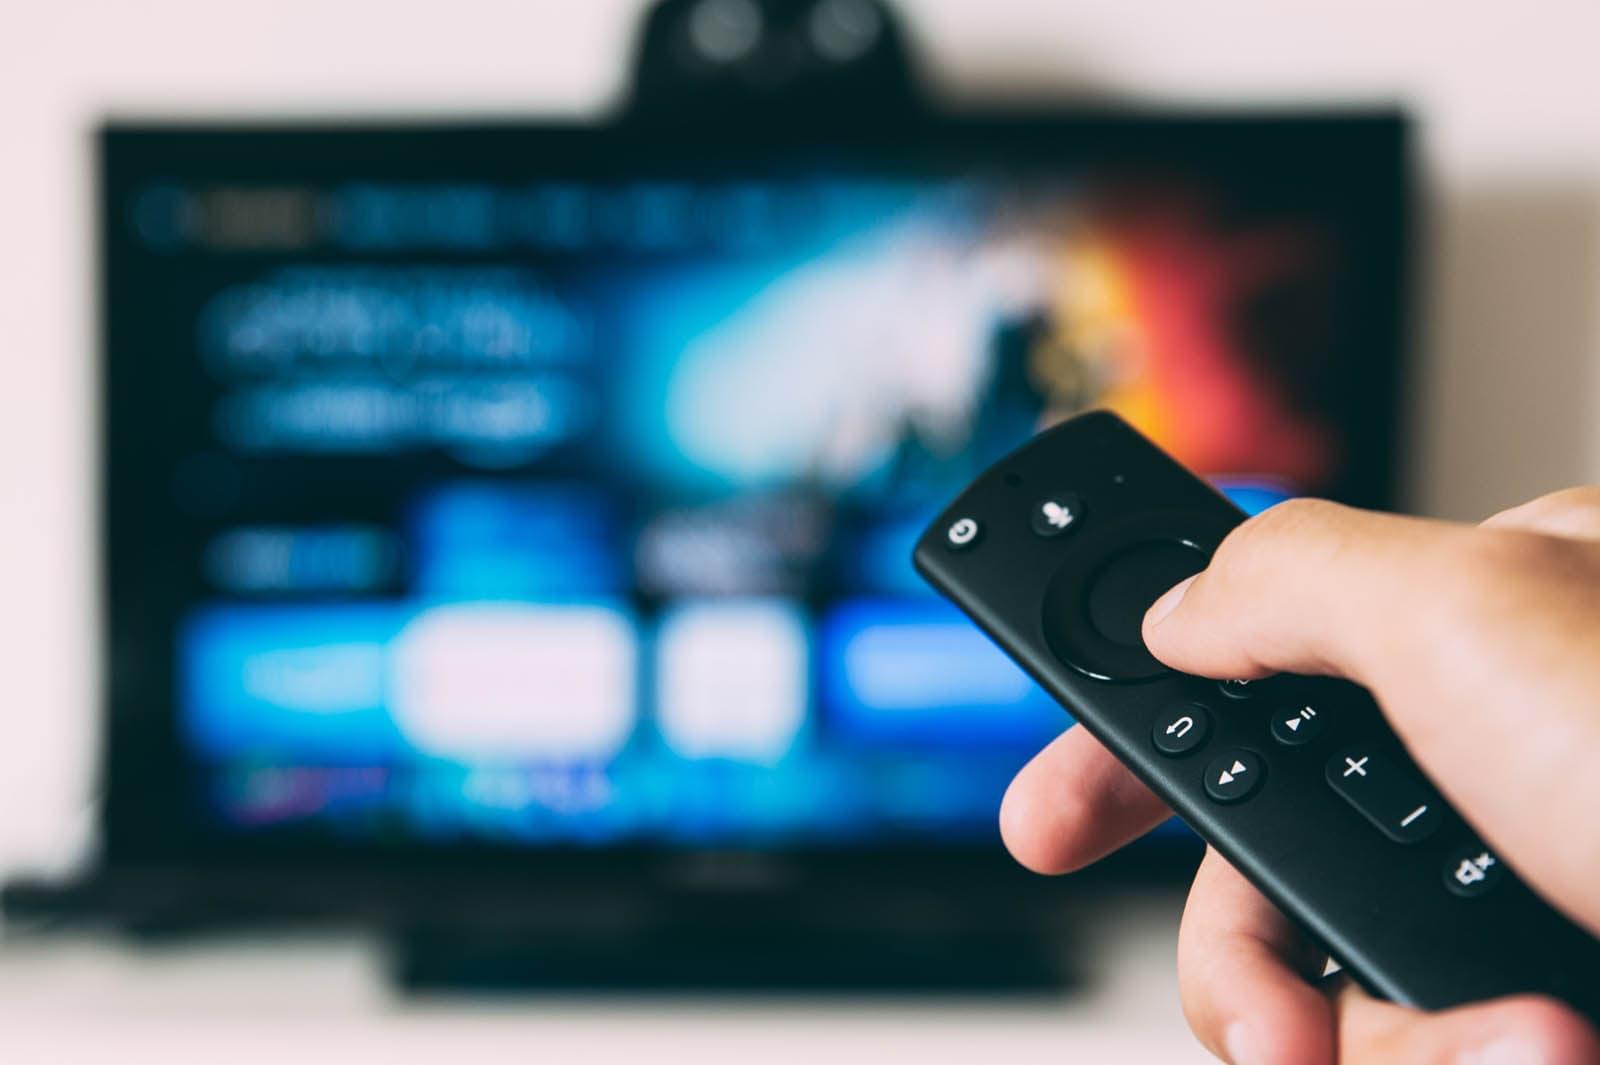 Configurar privacidad smart tv